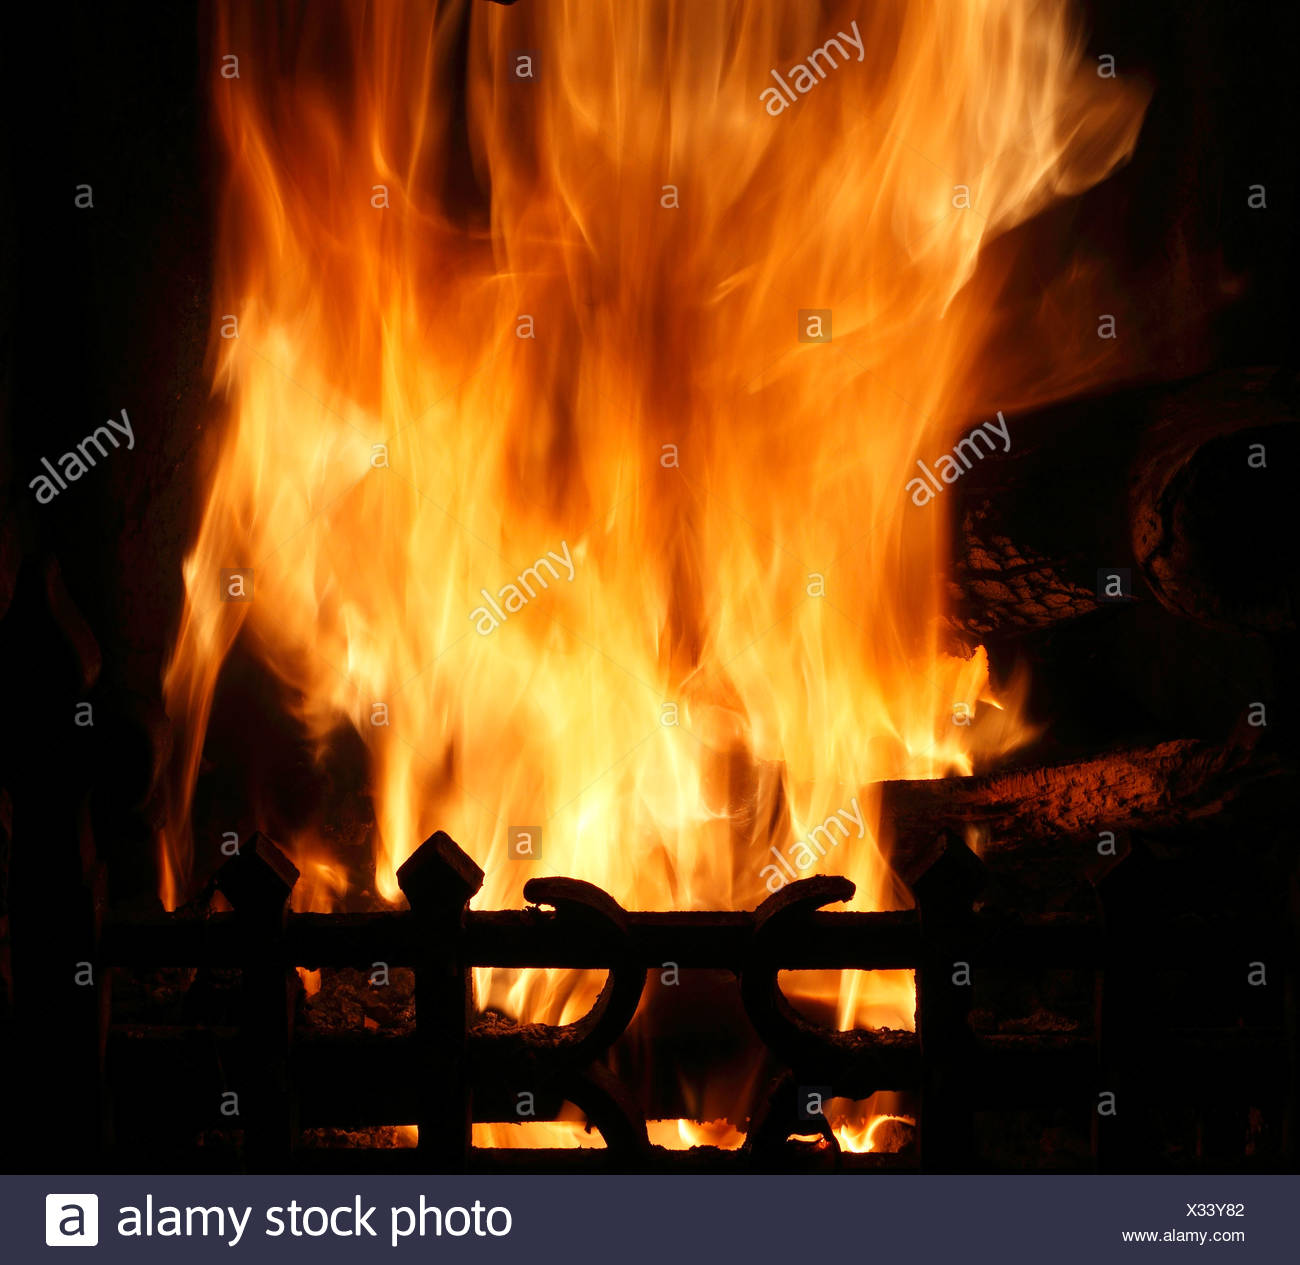 Fuego en el hogar, el calor de las llamas llama Calefacción chimenea Rejilla incendios calor quemando carbón de leña incendios caseros Imagen De Stock